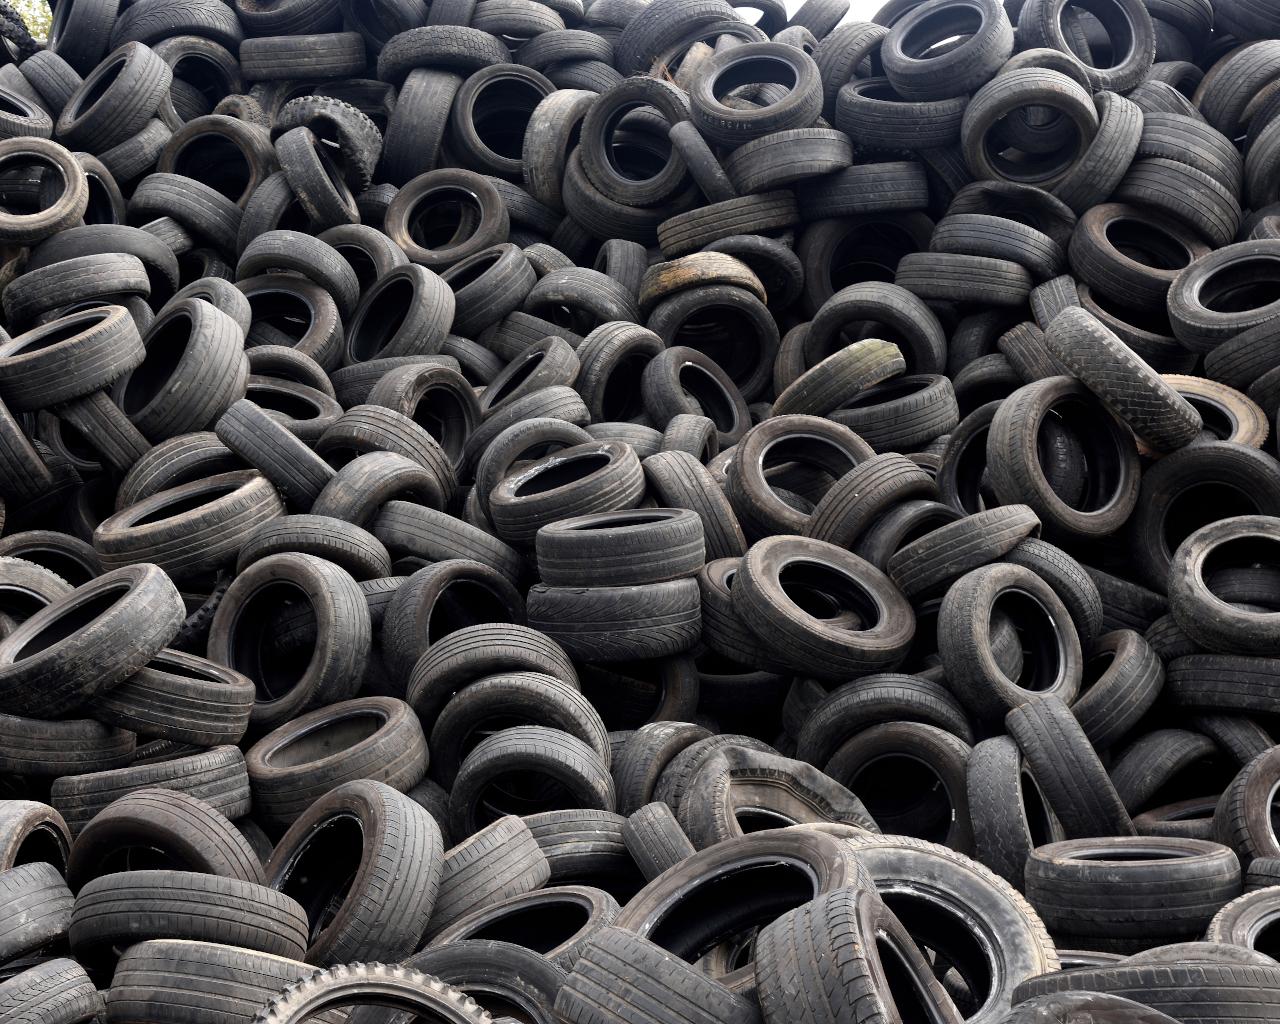 Ανακύκλωση Παλαιών Ελαστικών - Aegean Recycling Εταιρεία Ανακύκλωσης & Επεξεργασίας Αποβλήτων Αστικού & Βιομηχανικού Τύπου